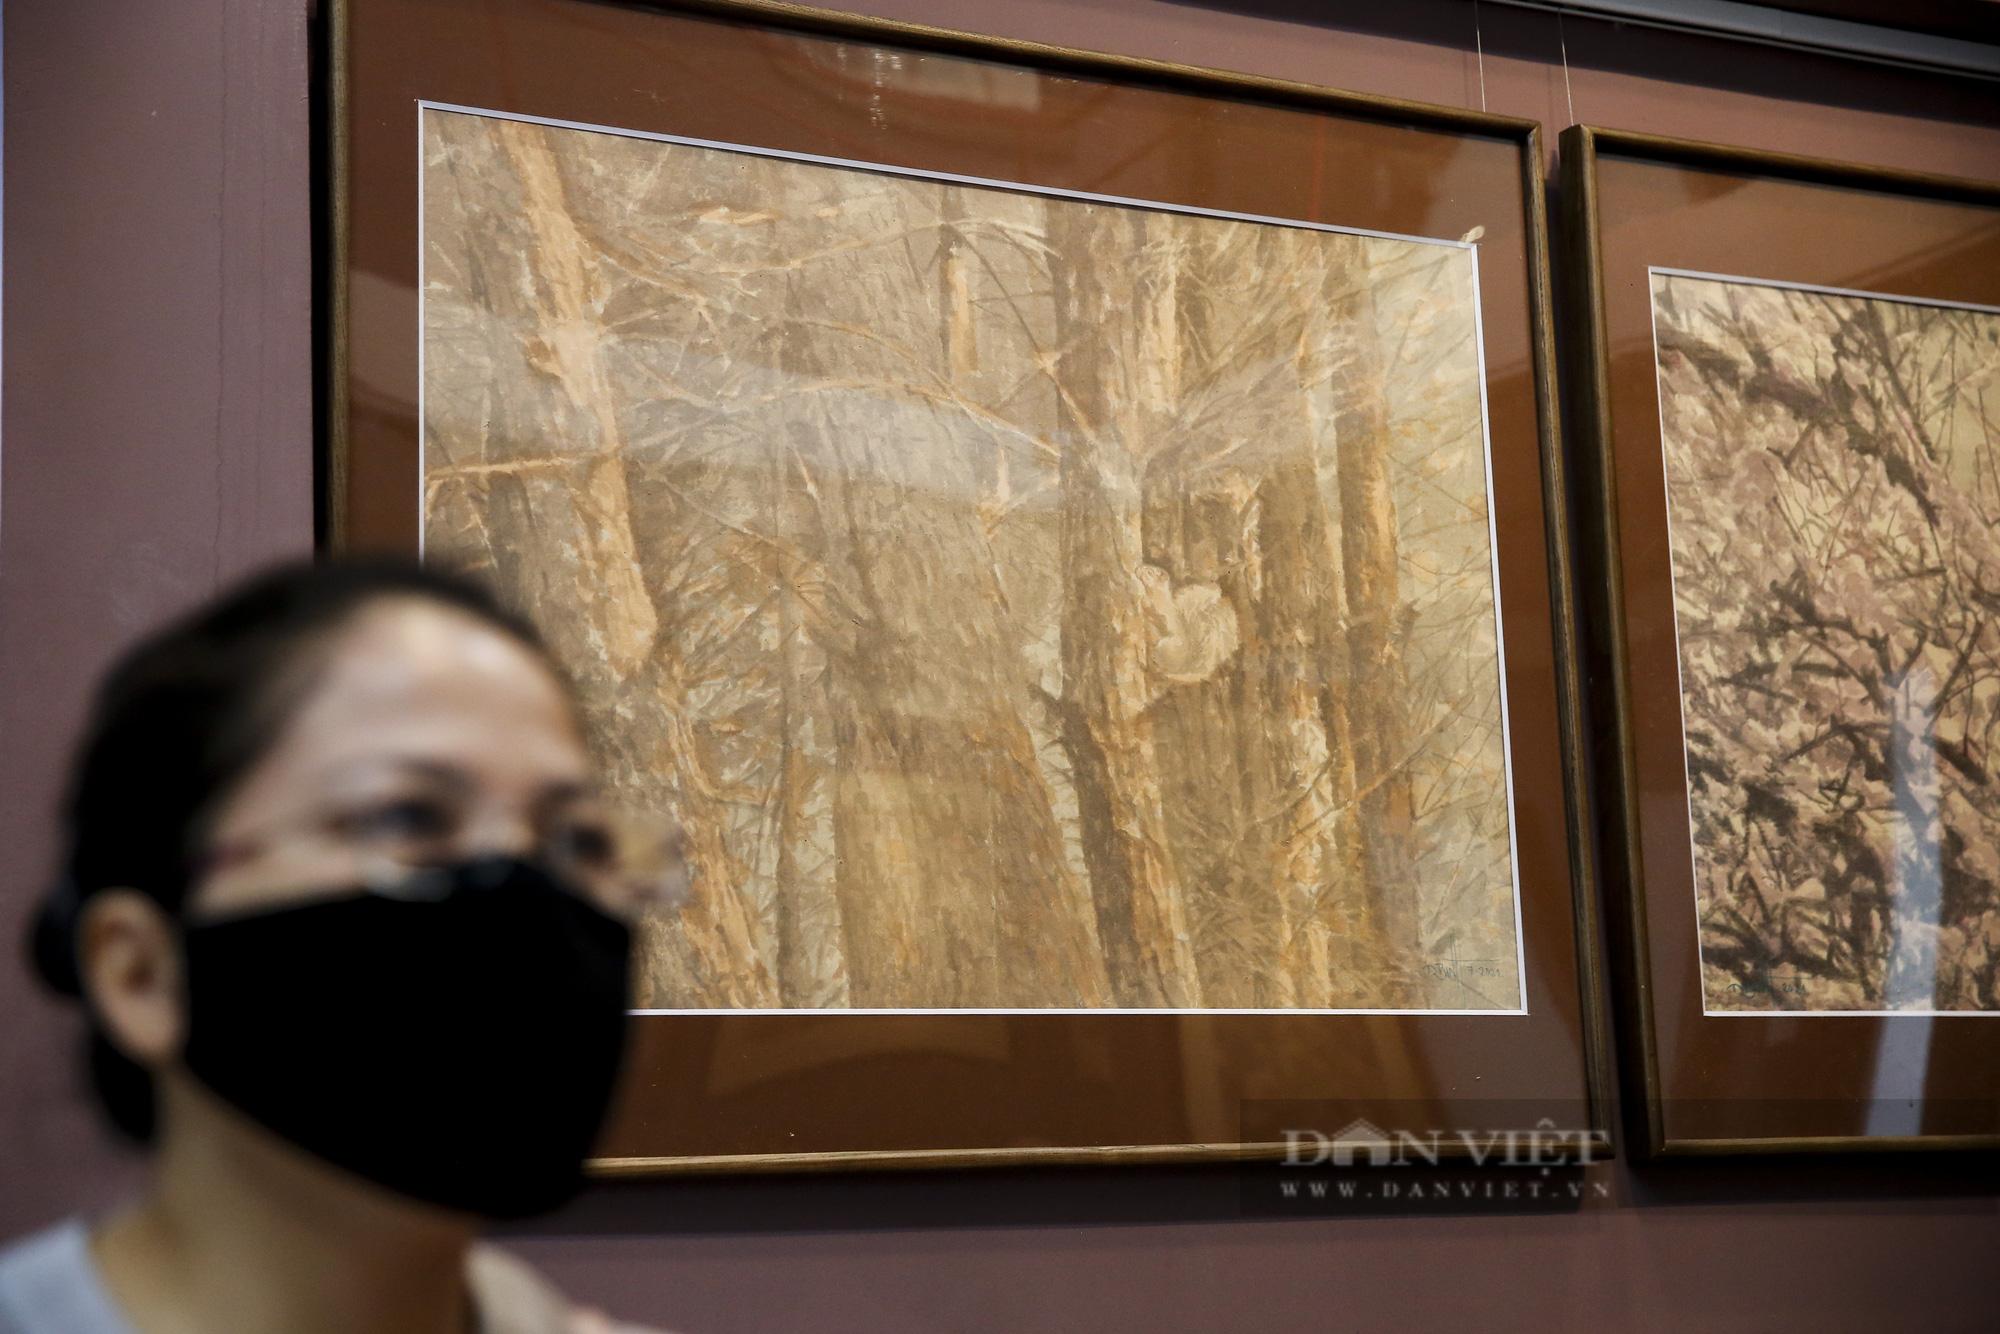 Chiêm ngưỡng không gian tranh giấy dó truyền thống đặc biệt tại Hà Nội - Ảnh 4.